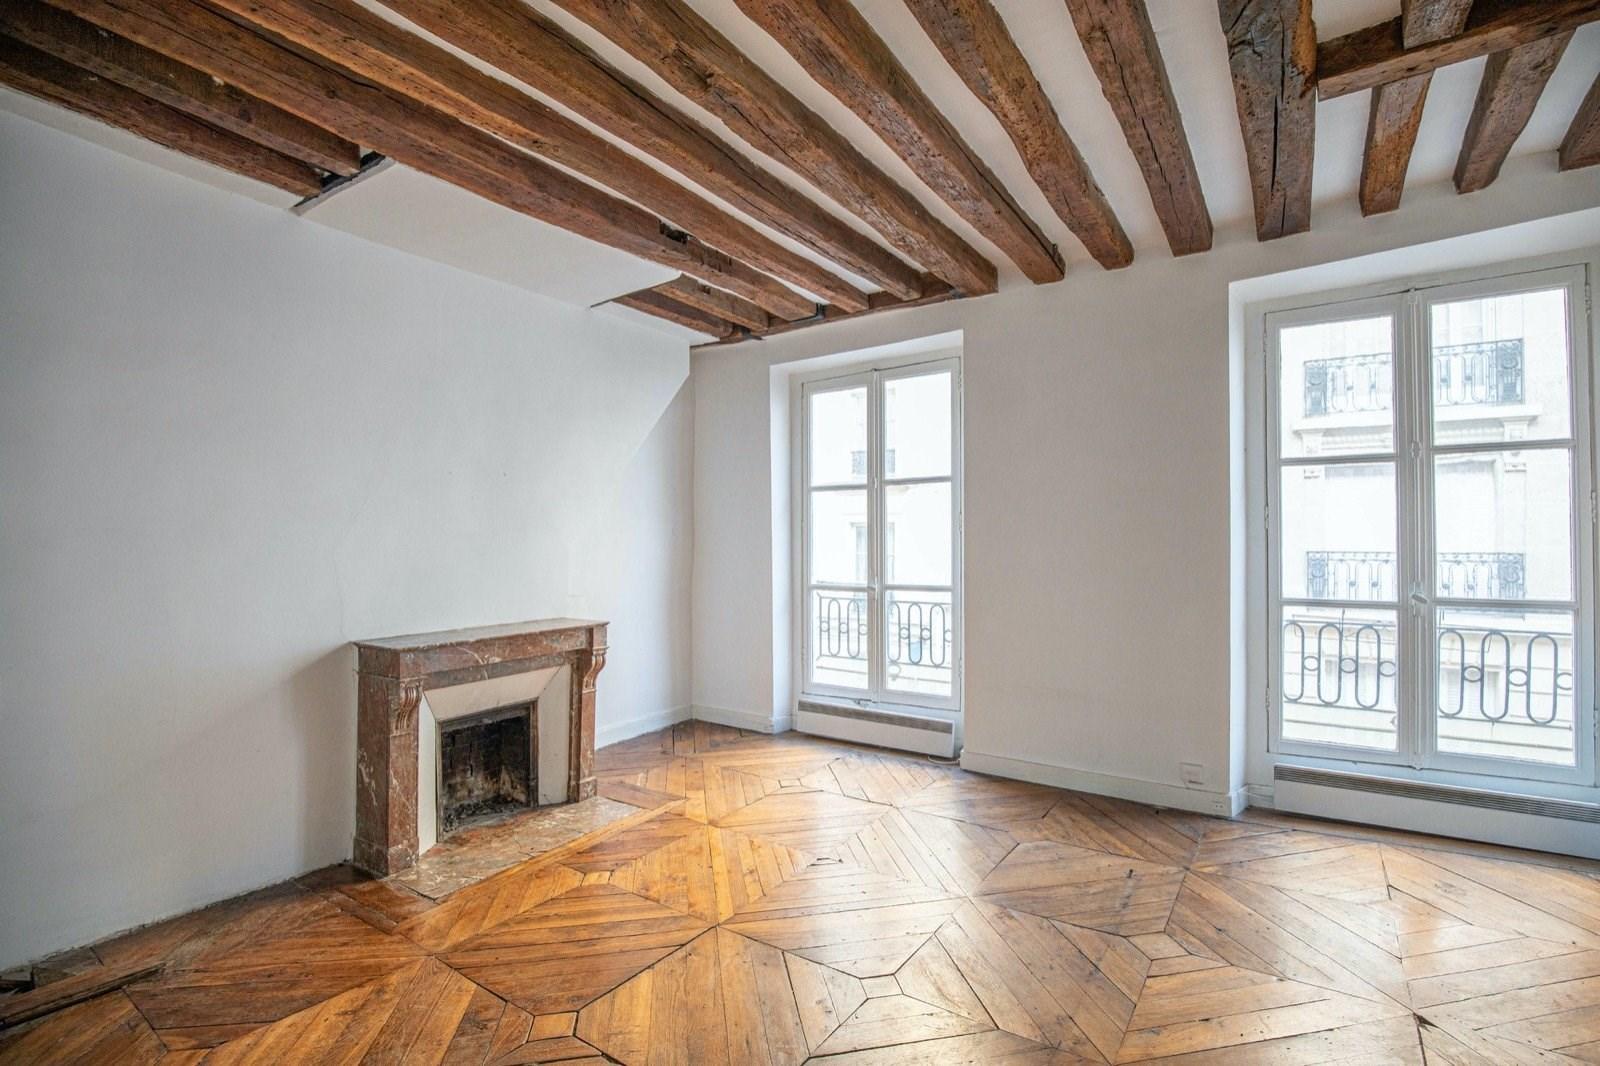 enaparte-ref168-4P-Paris4-Ruedubourgtibourg-photo-1